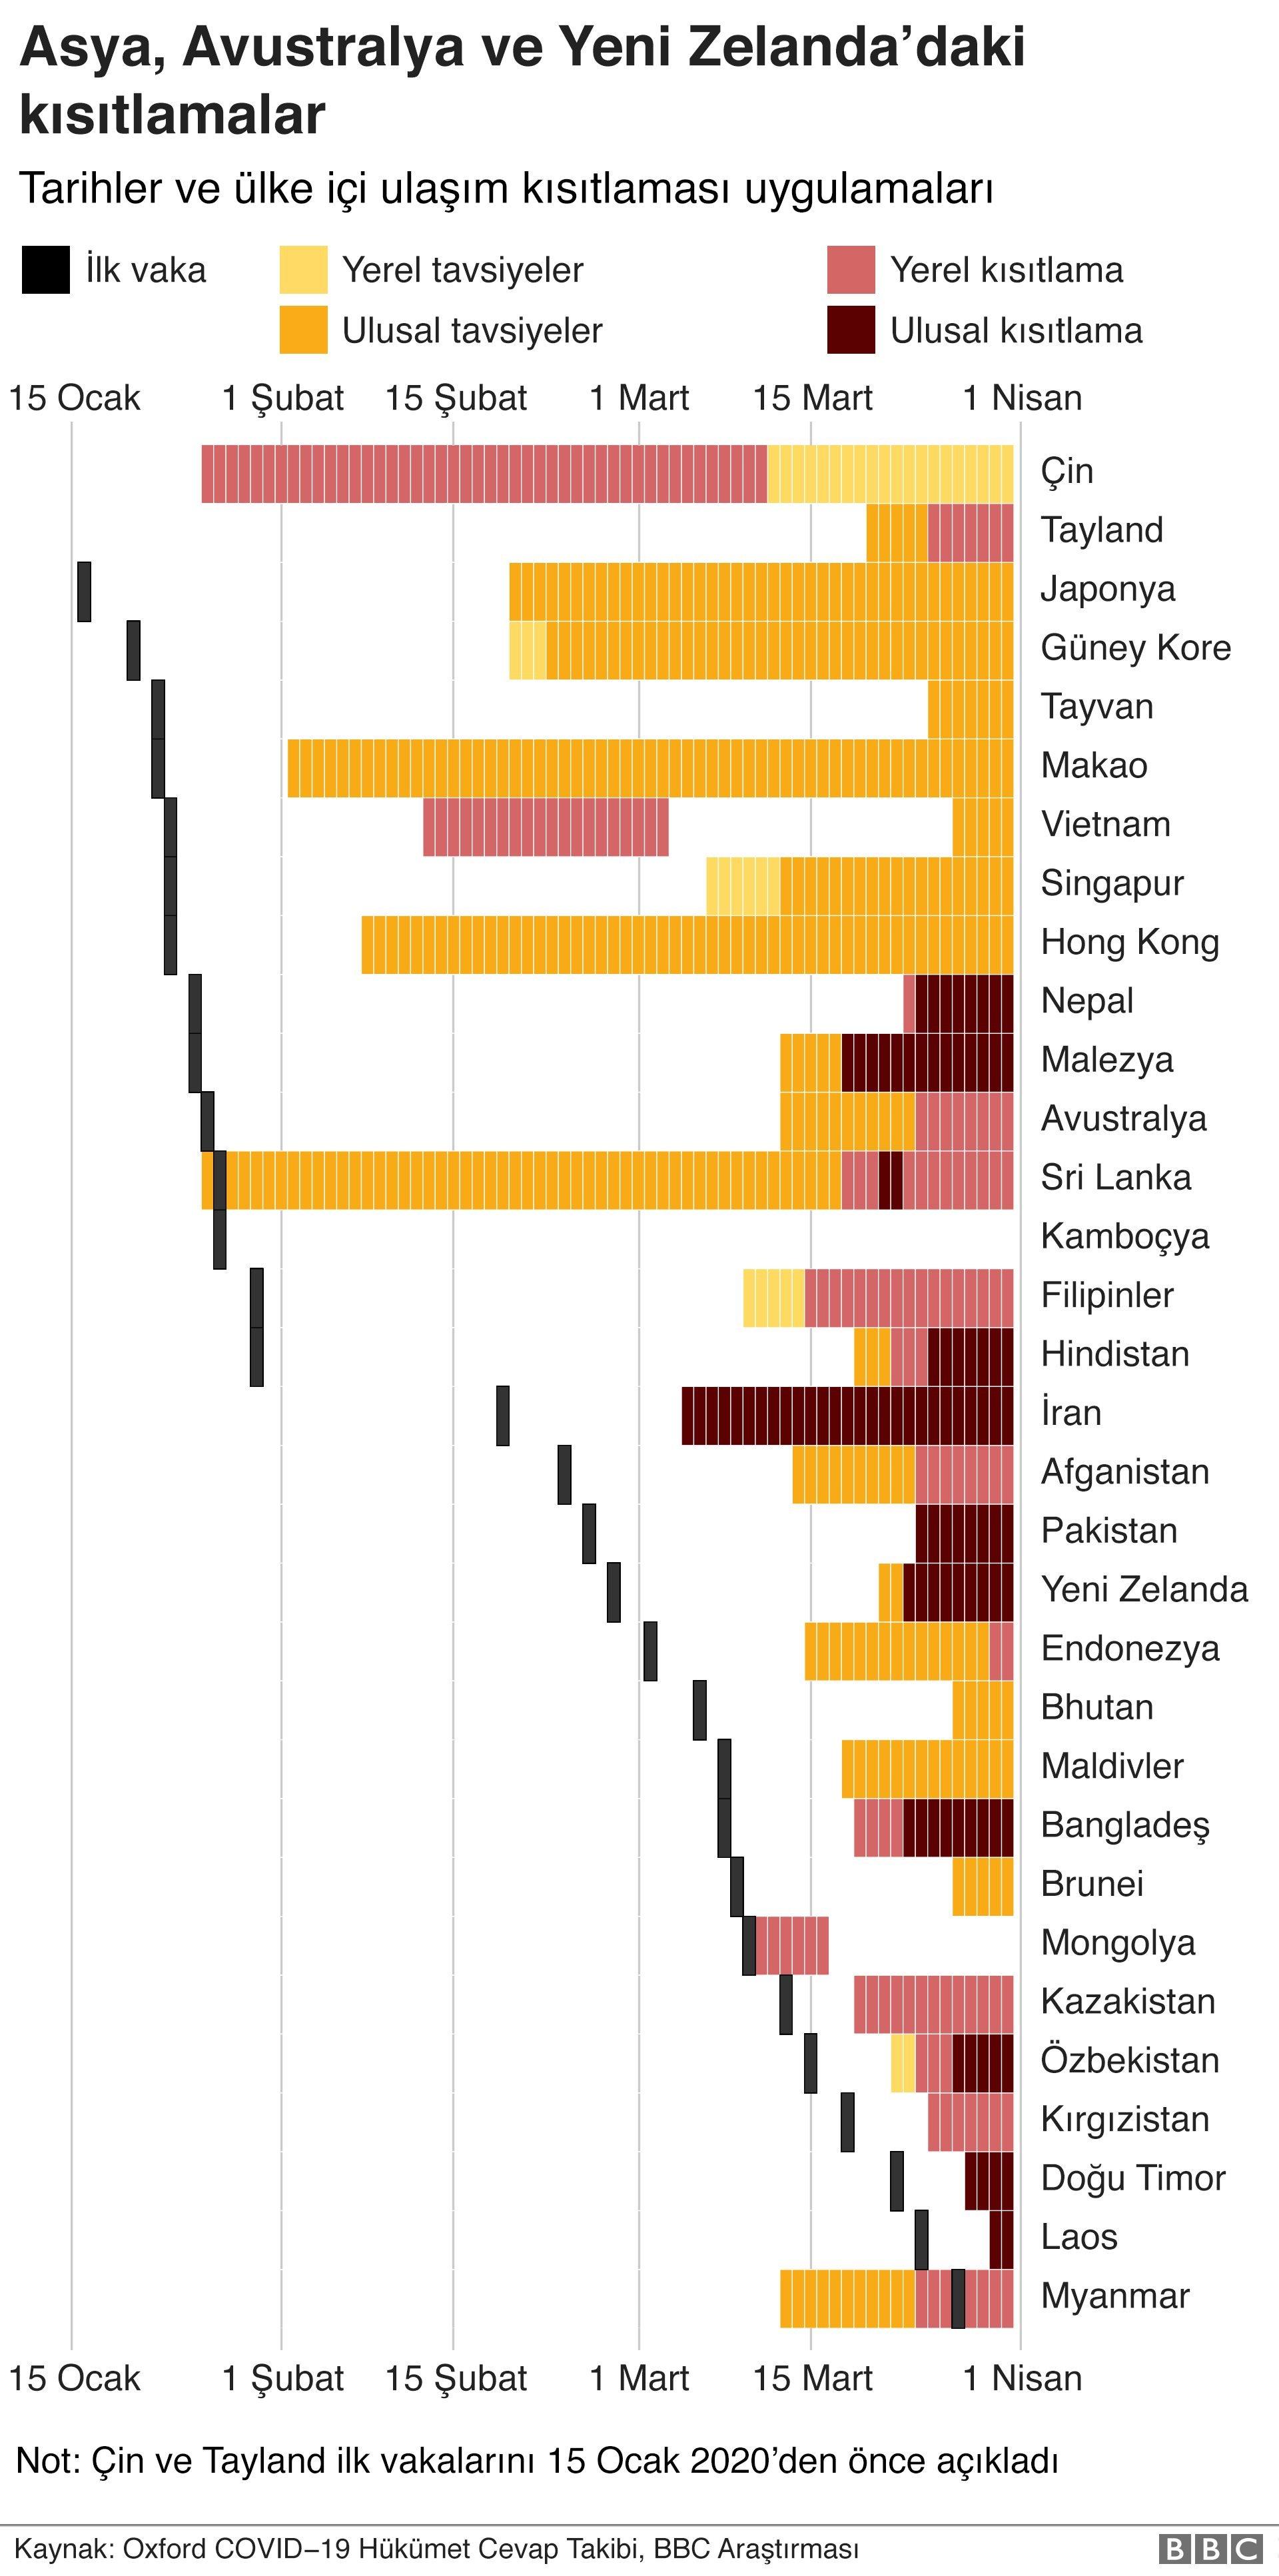 Asya, Avustralya ve Yeni Zelanda'daki kısıtlamalar